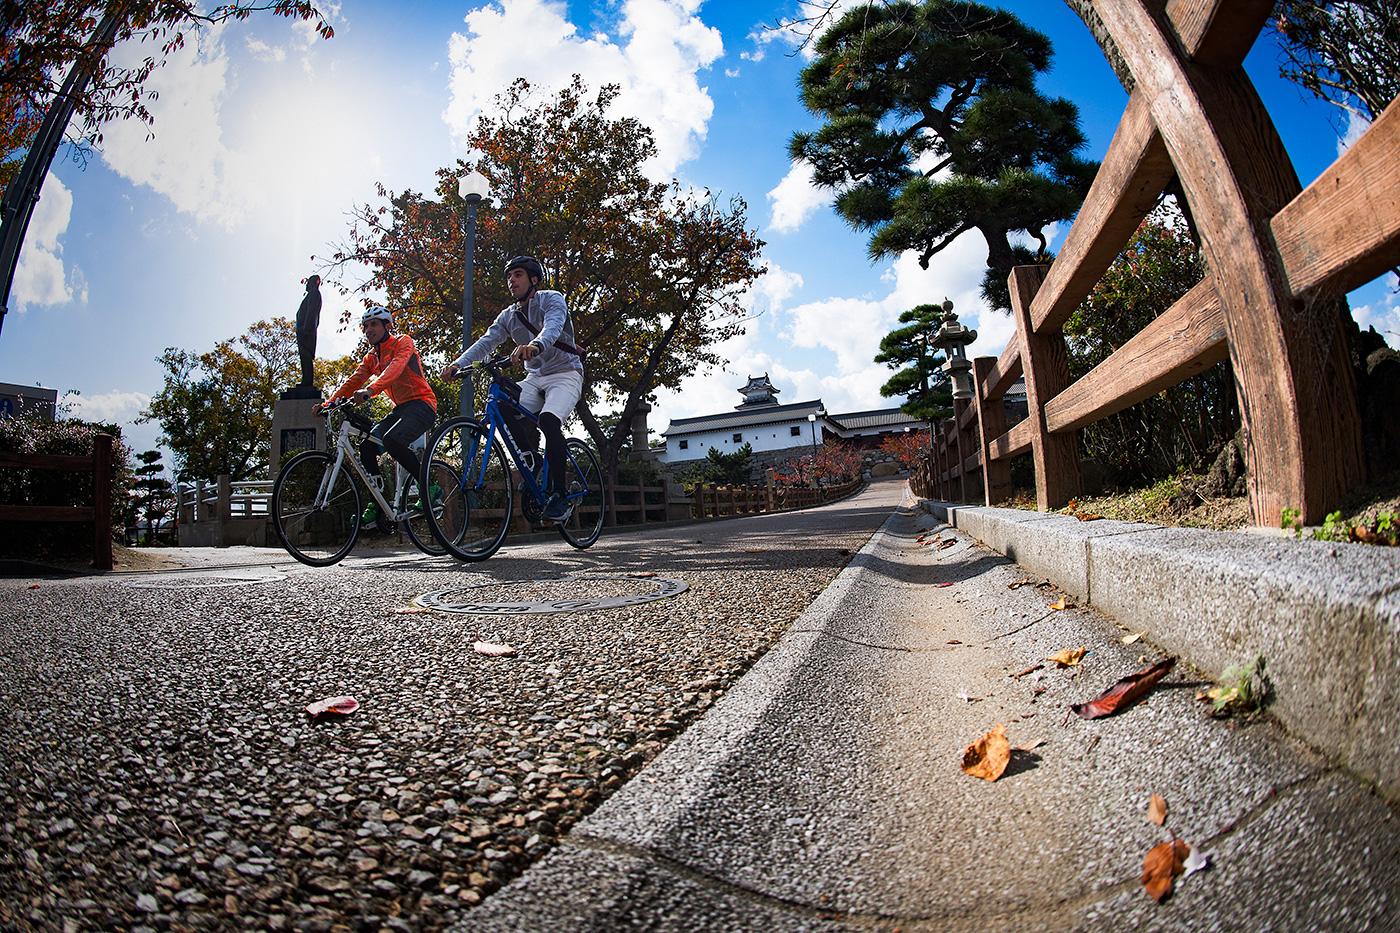 松山・道後温泉旅をもっと楽しく。知っておくべき自転車のキホン